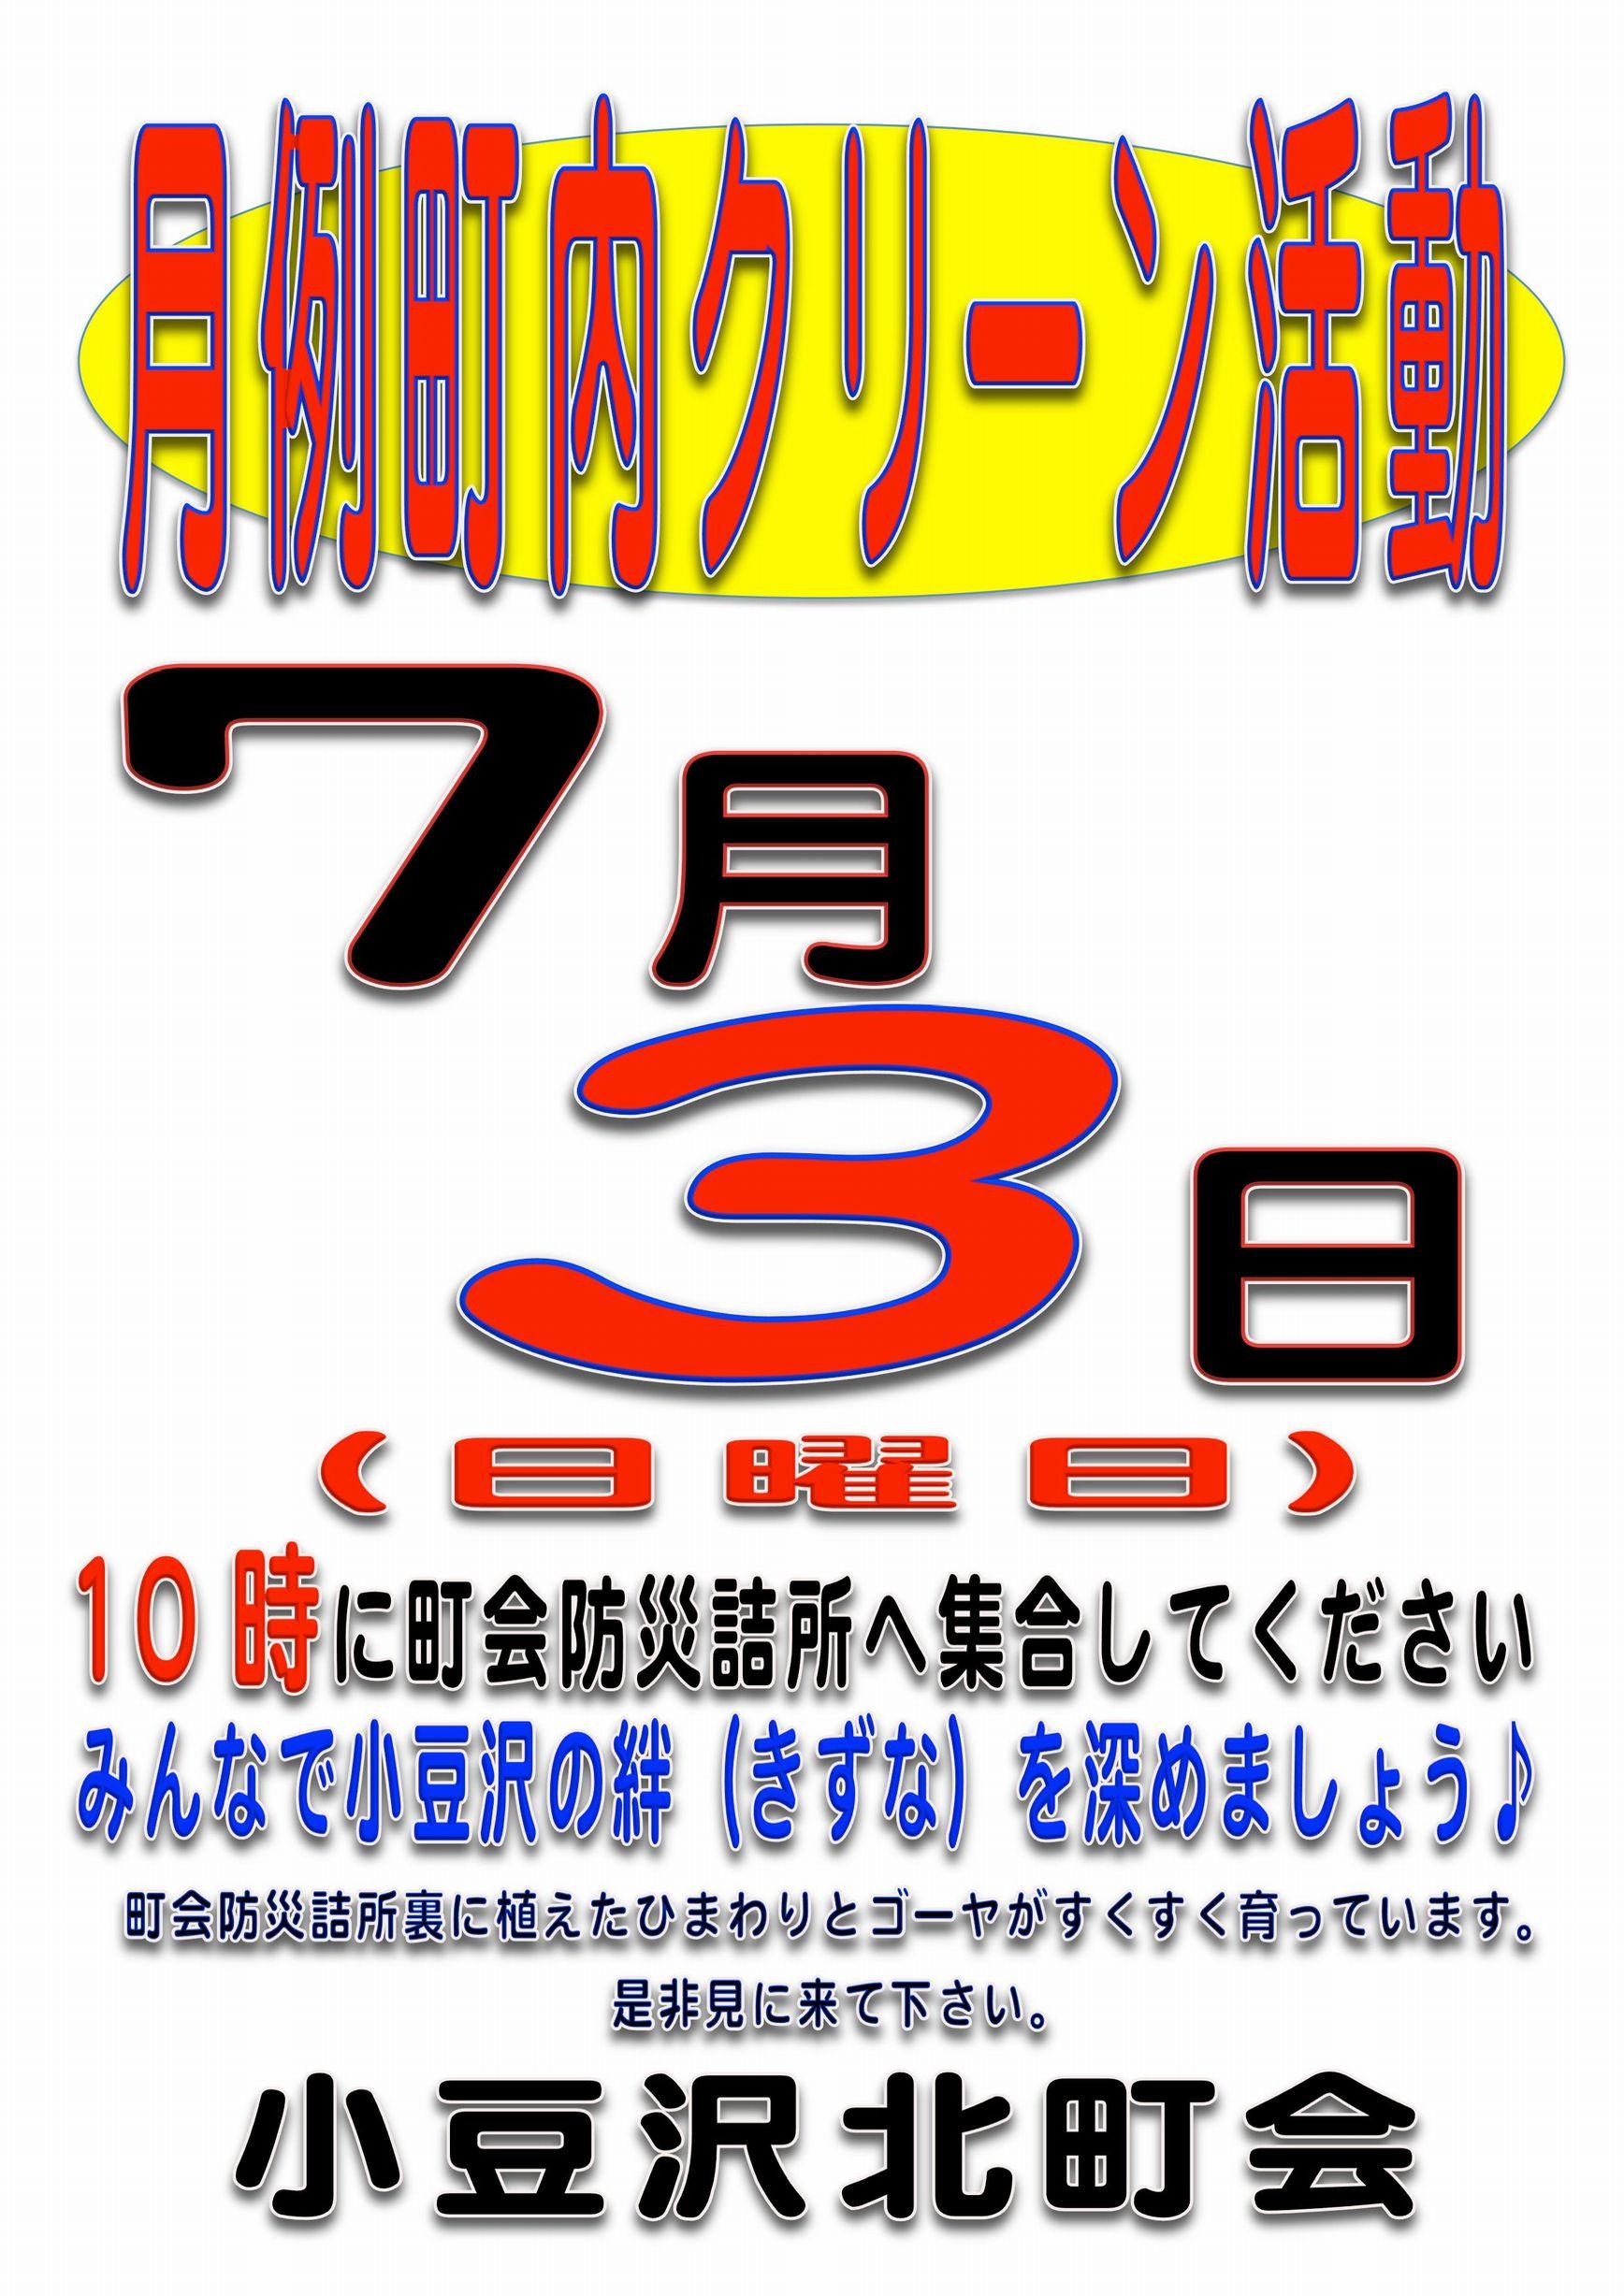 2011-07-03クリーン活動ポスター